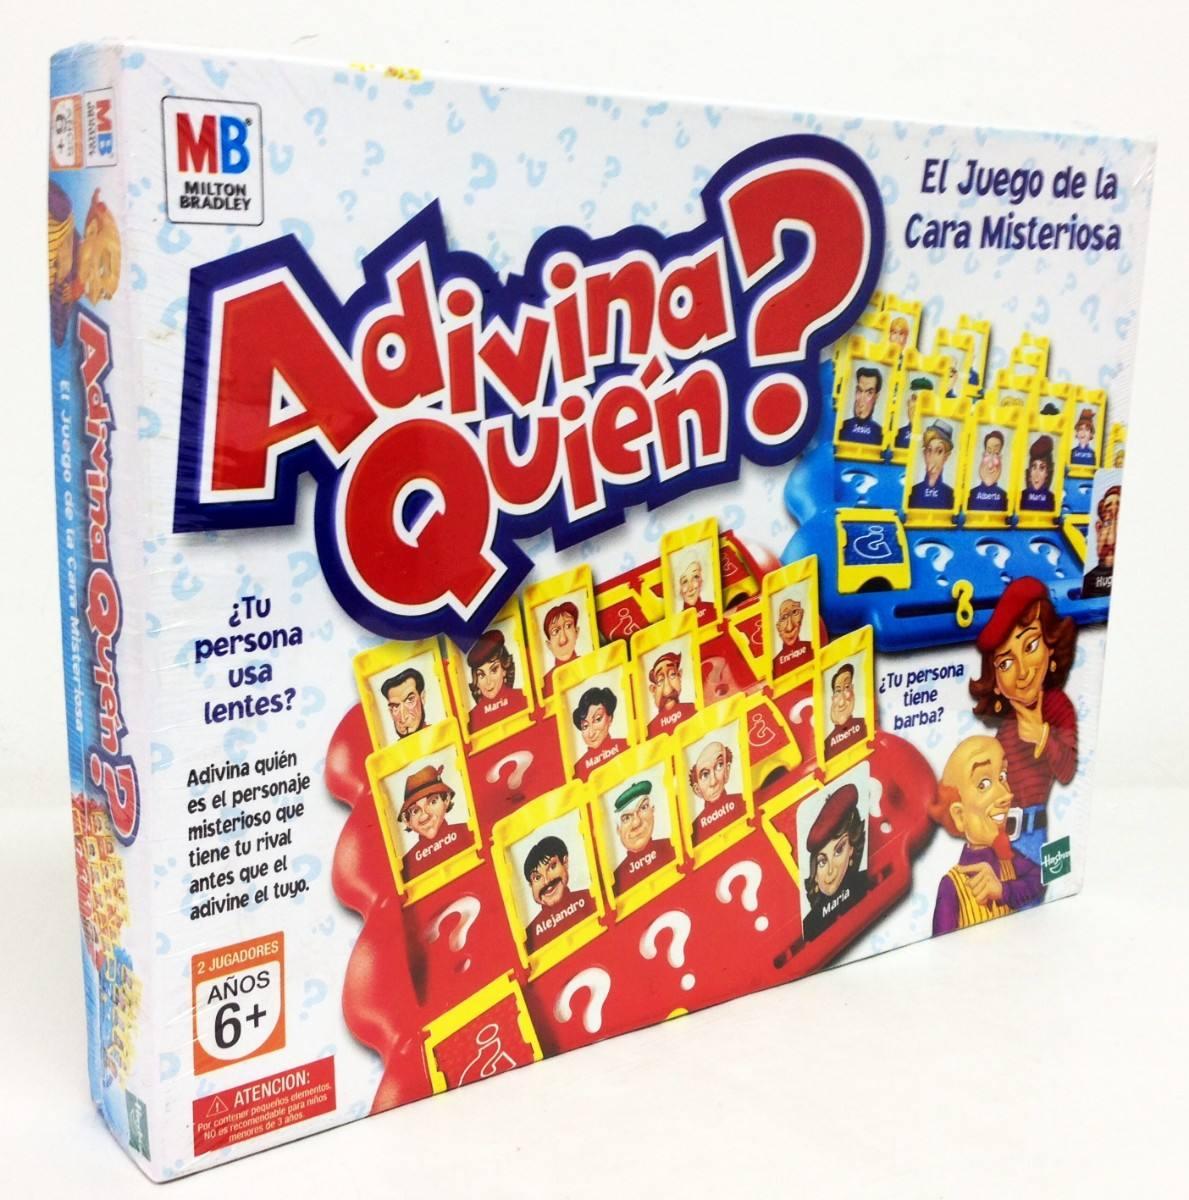 Adivina Quien Edicion Clasico Juego Mesa Original Hasbro 589